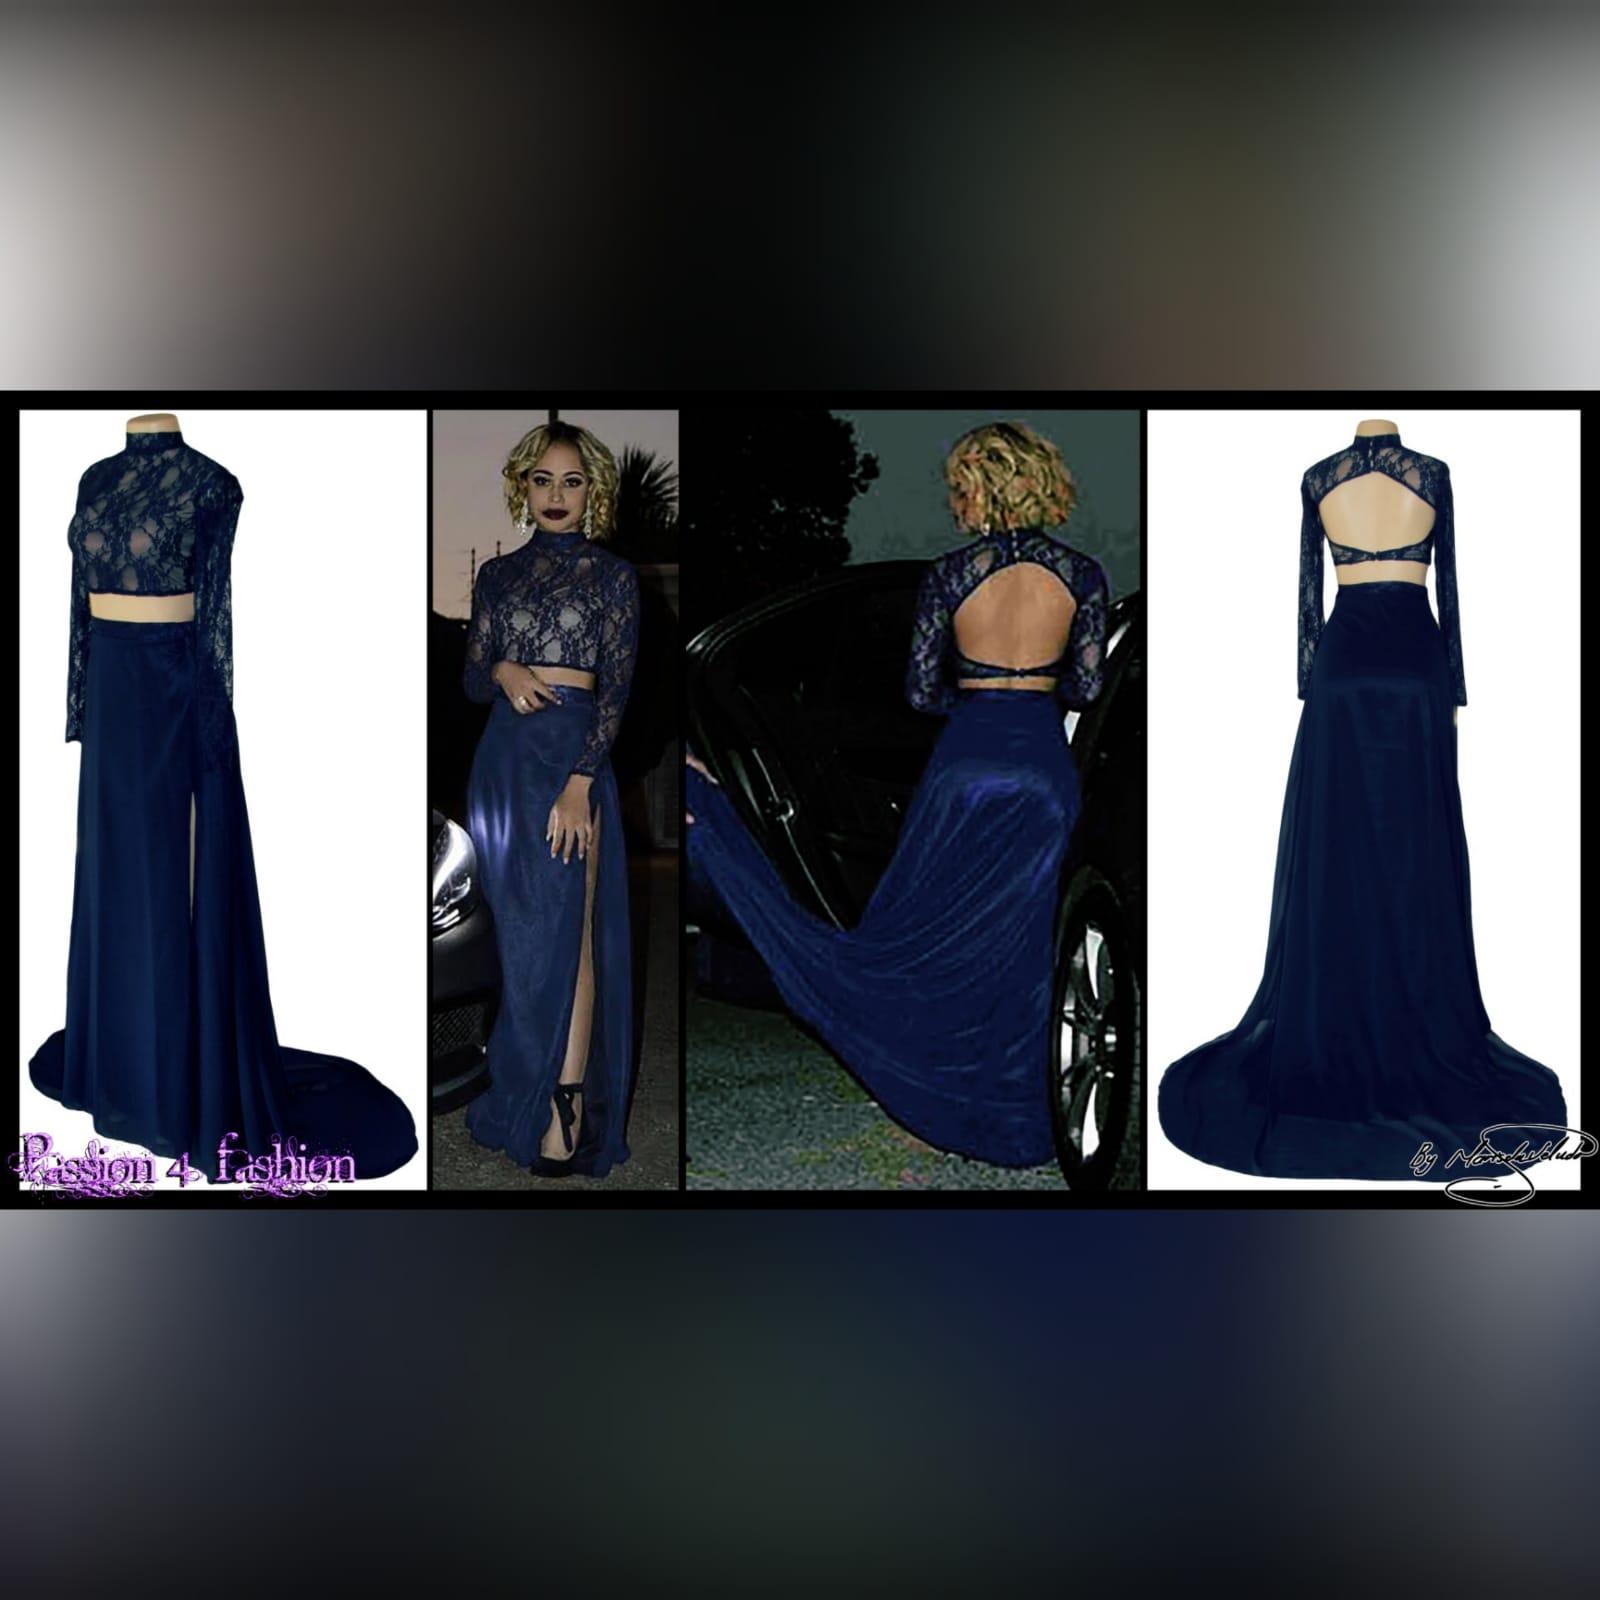 Vestido de finalistas azul marinho de 2 peças 3 vestido de finalistas azul marinho de 2 peças de renda. Com mangas longas de renda translucida e saia traseira aberta fluida com alta racha e uma cauda.